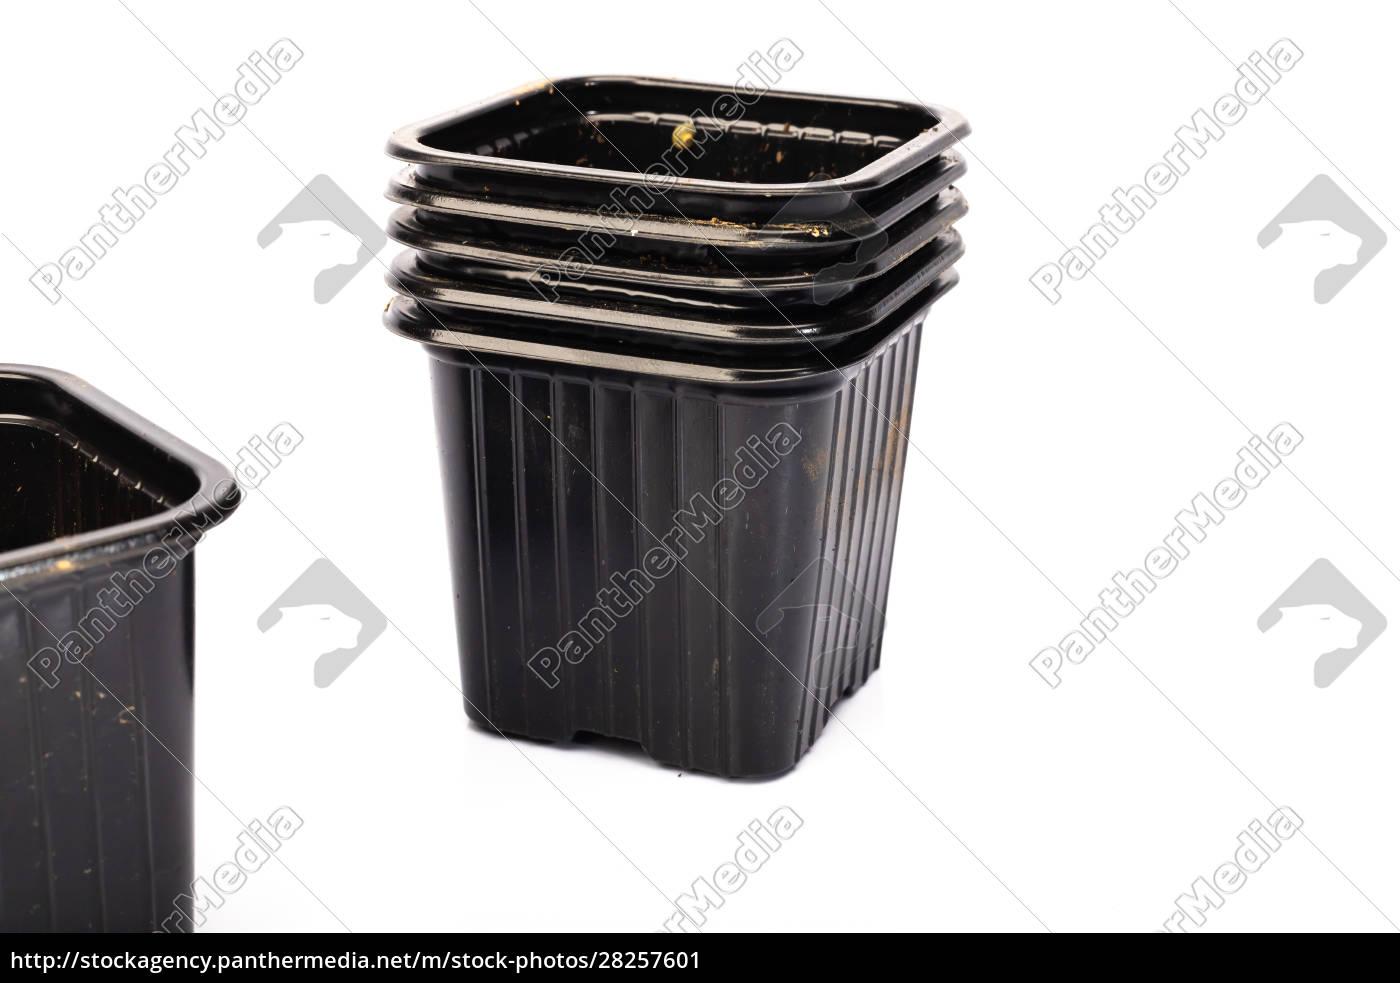 used, black, plastic, gardening, bucket - 28257601